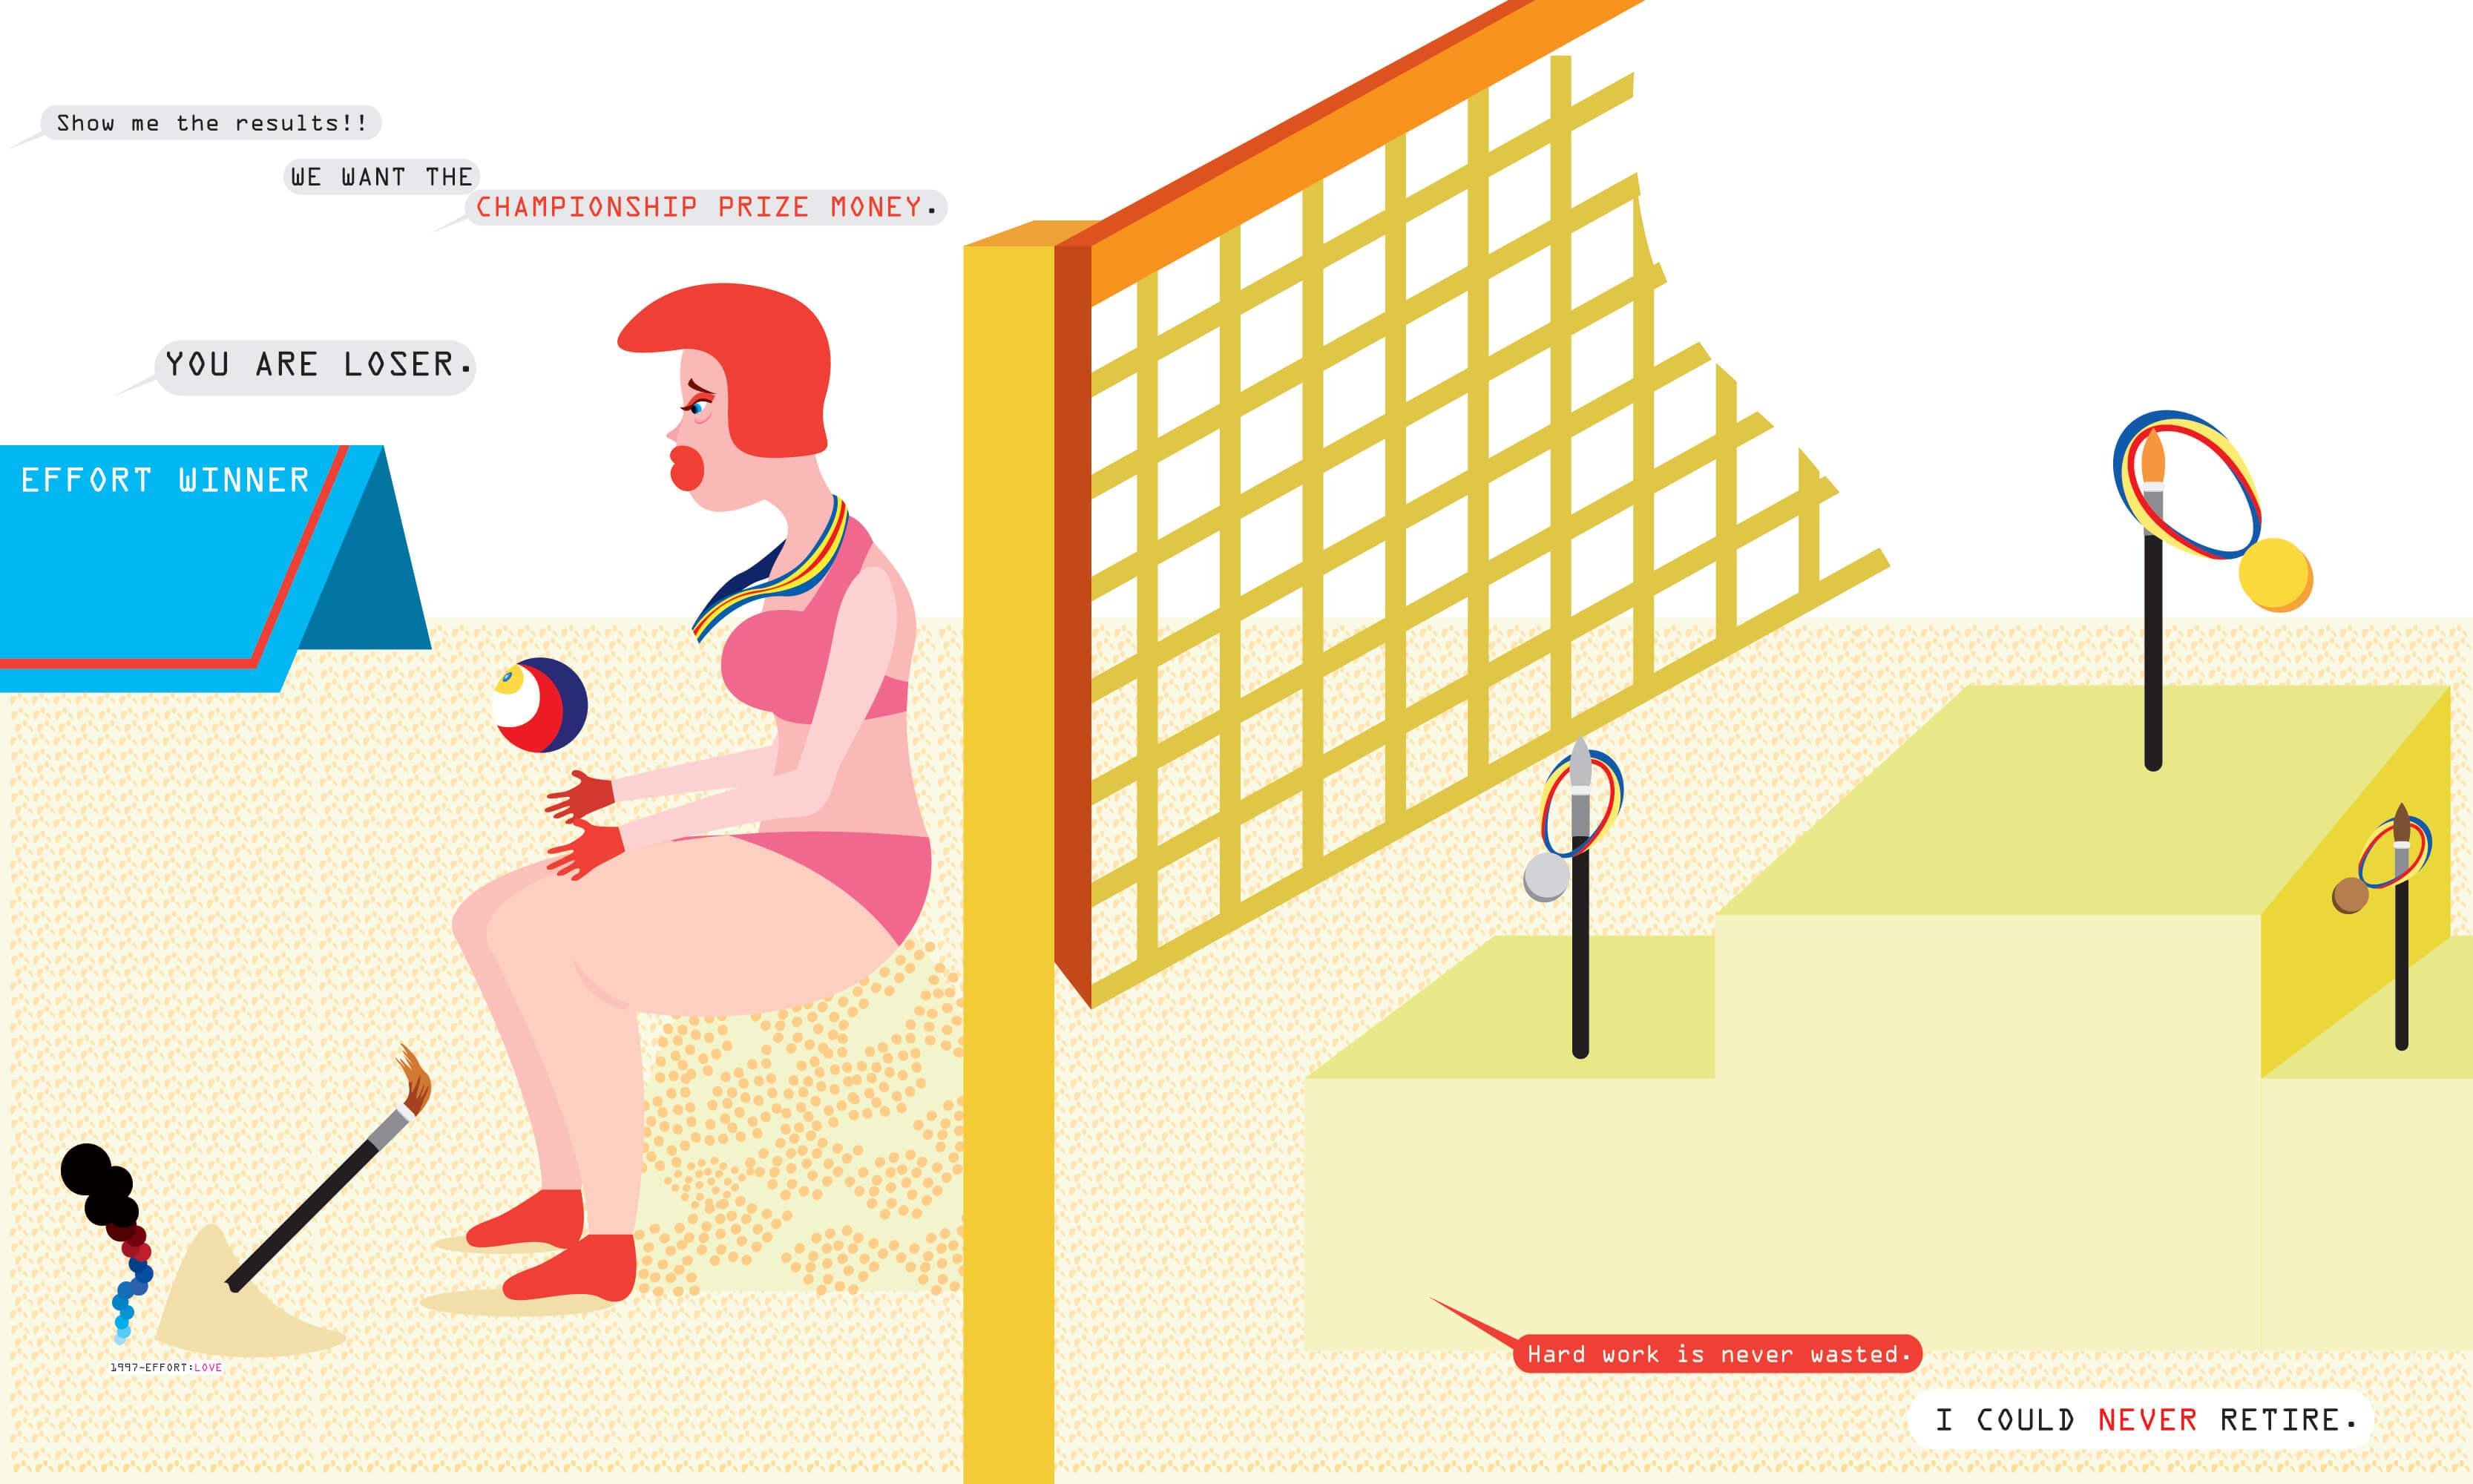 3.한라윤_EFFORT WINNER_Adobe Illustrator_28.22x16.93cm_2015